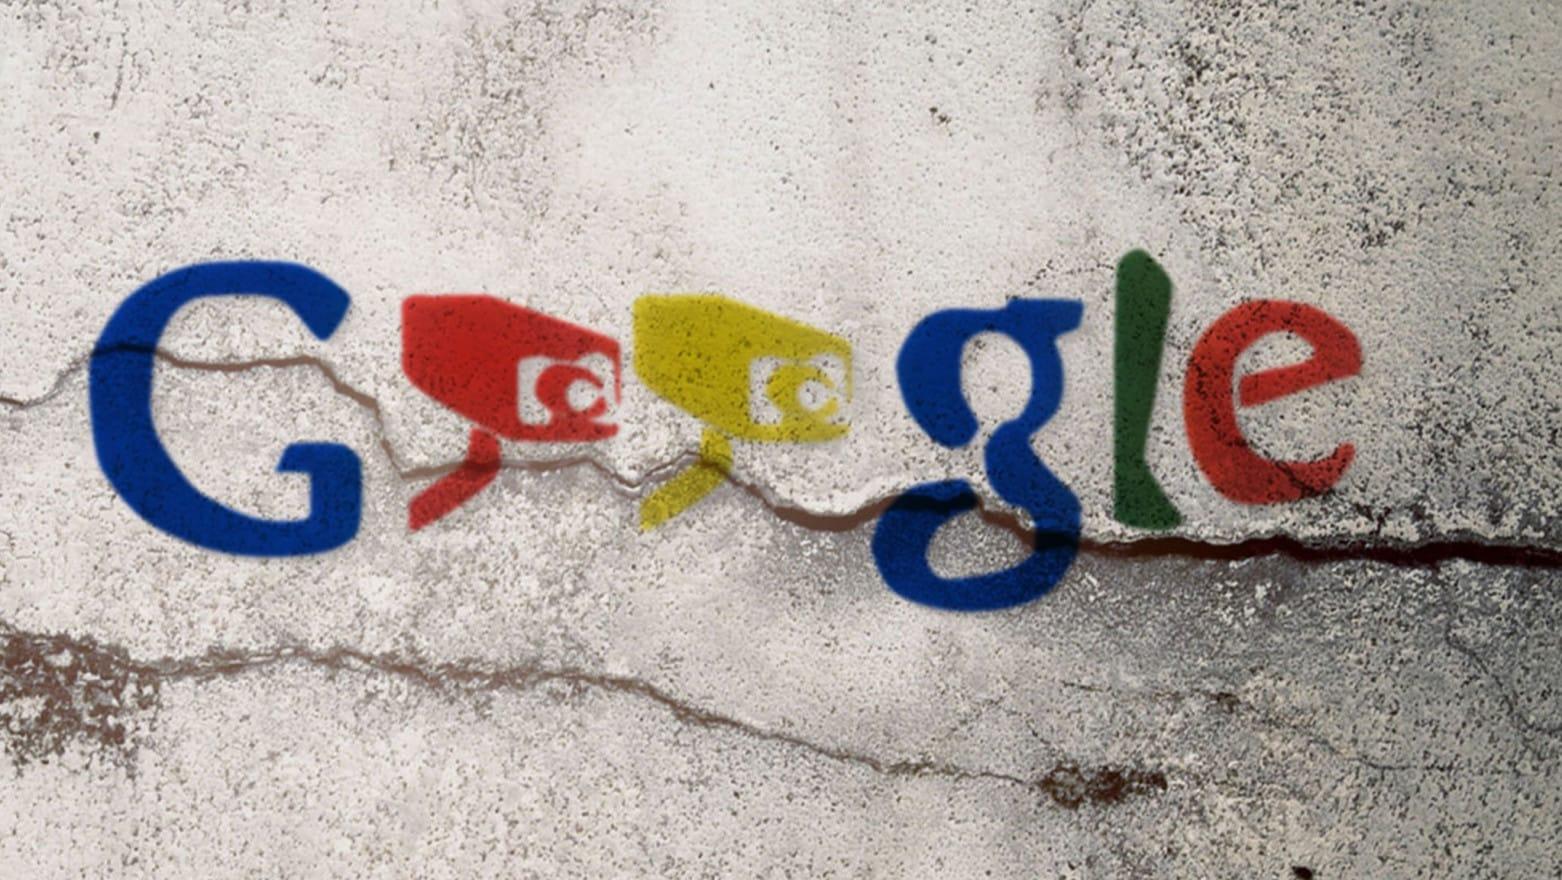 Google te urmărește peste tot. Cu sau fără voia ta.